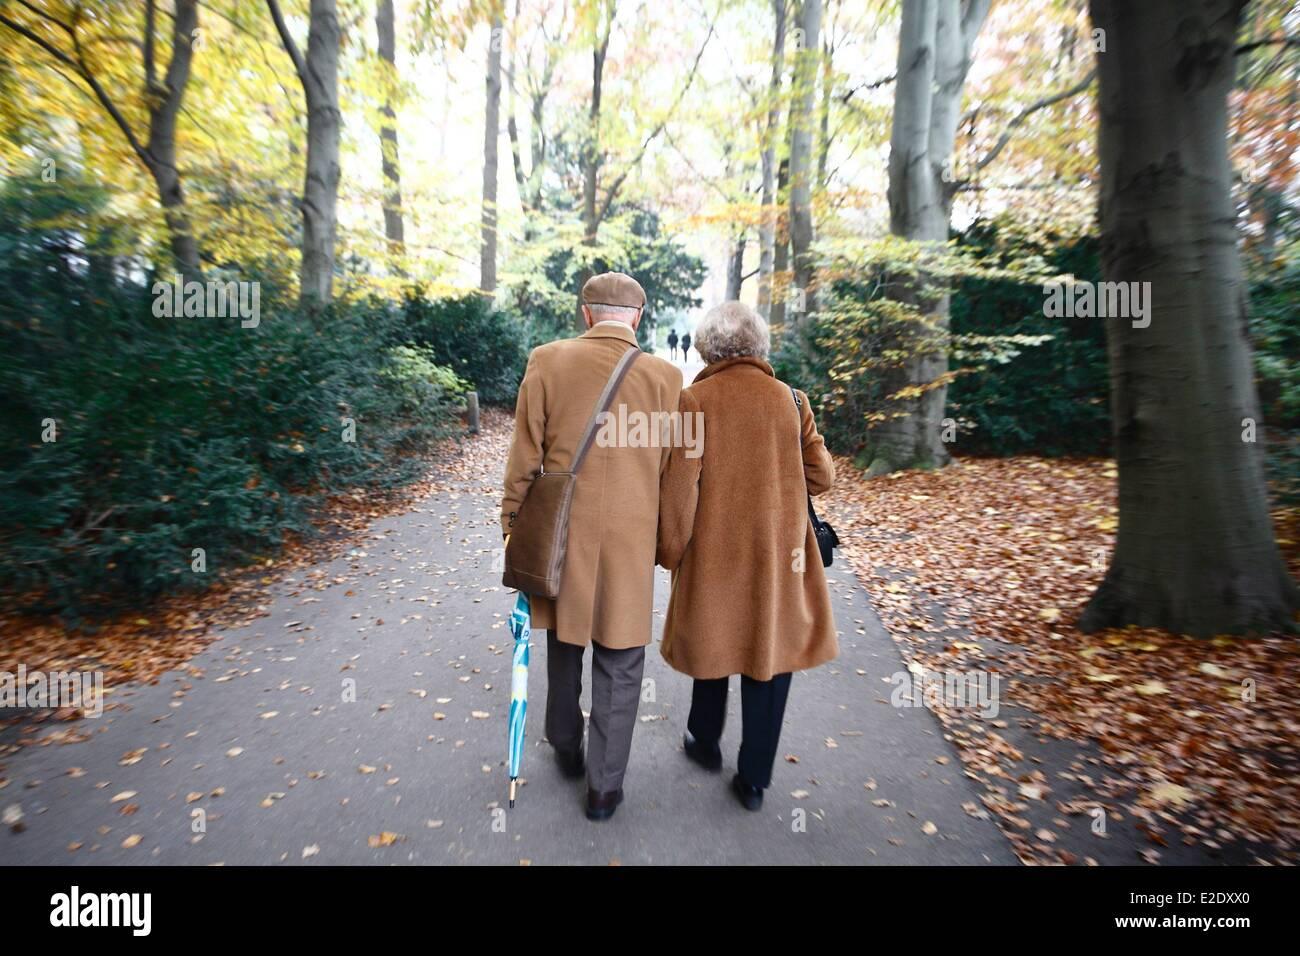 Germany Berlin Mitte couple in Tiergarten park - Stock Image